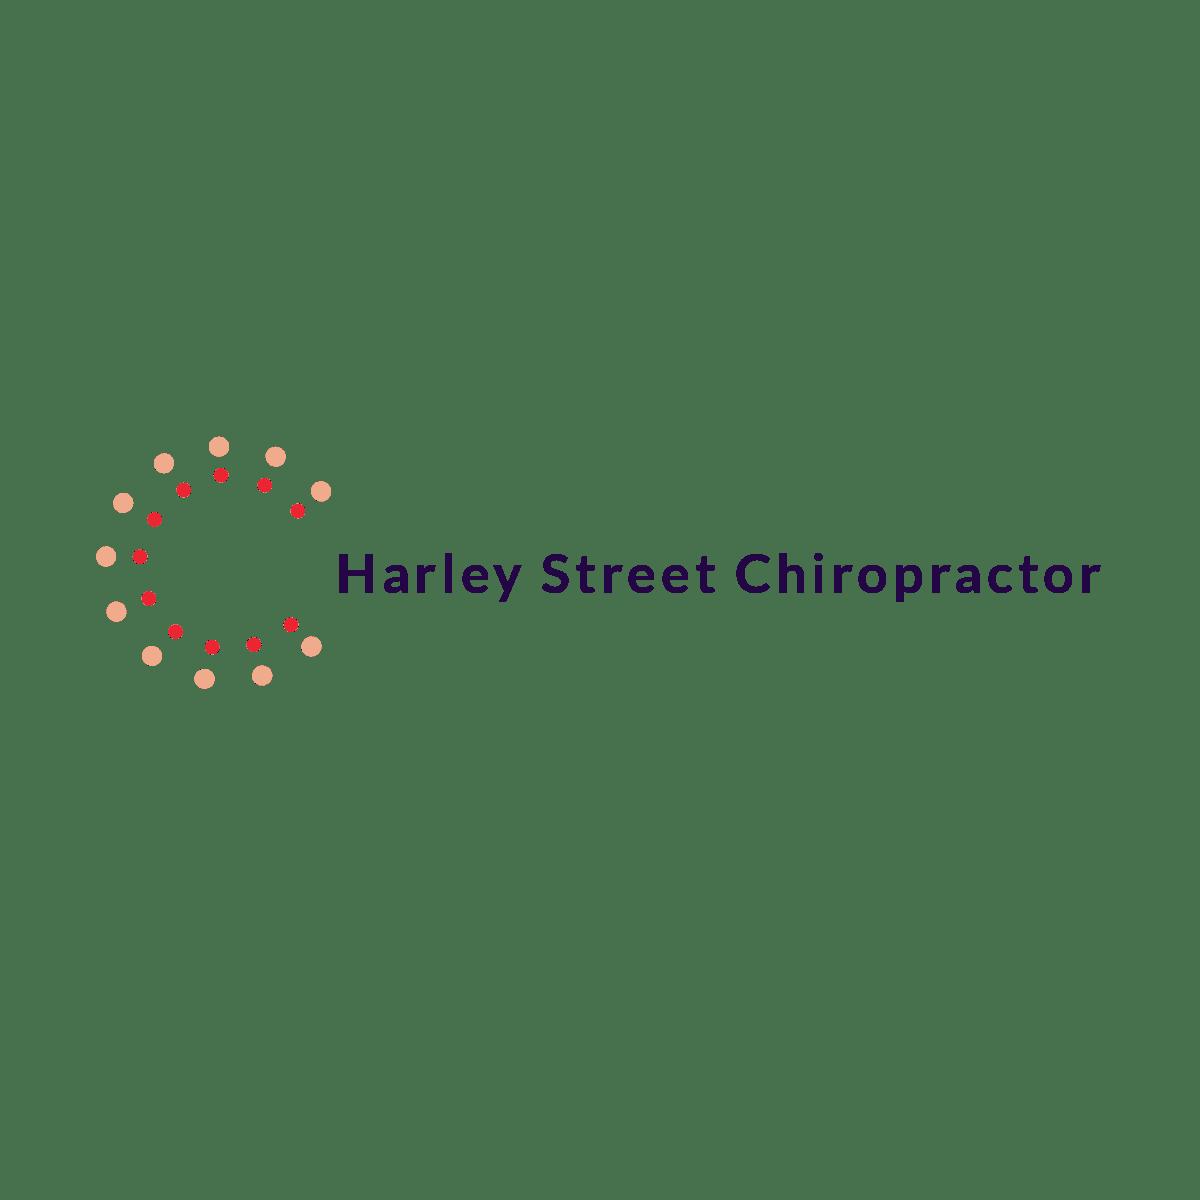 Harley Street Chiropractors